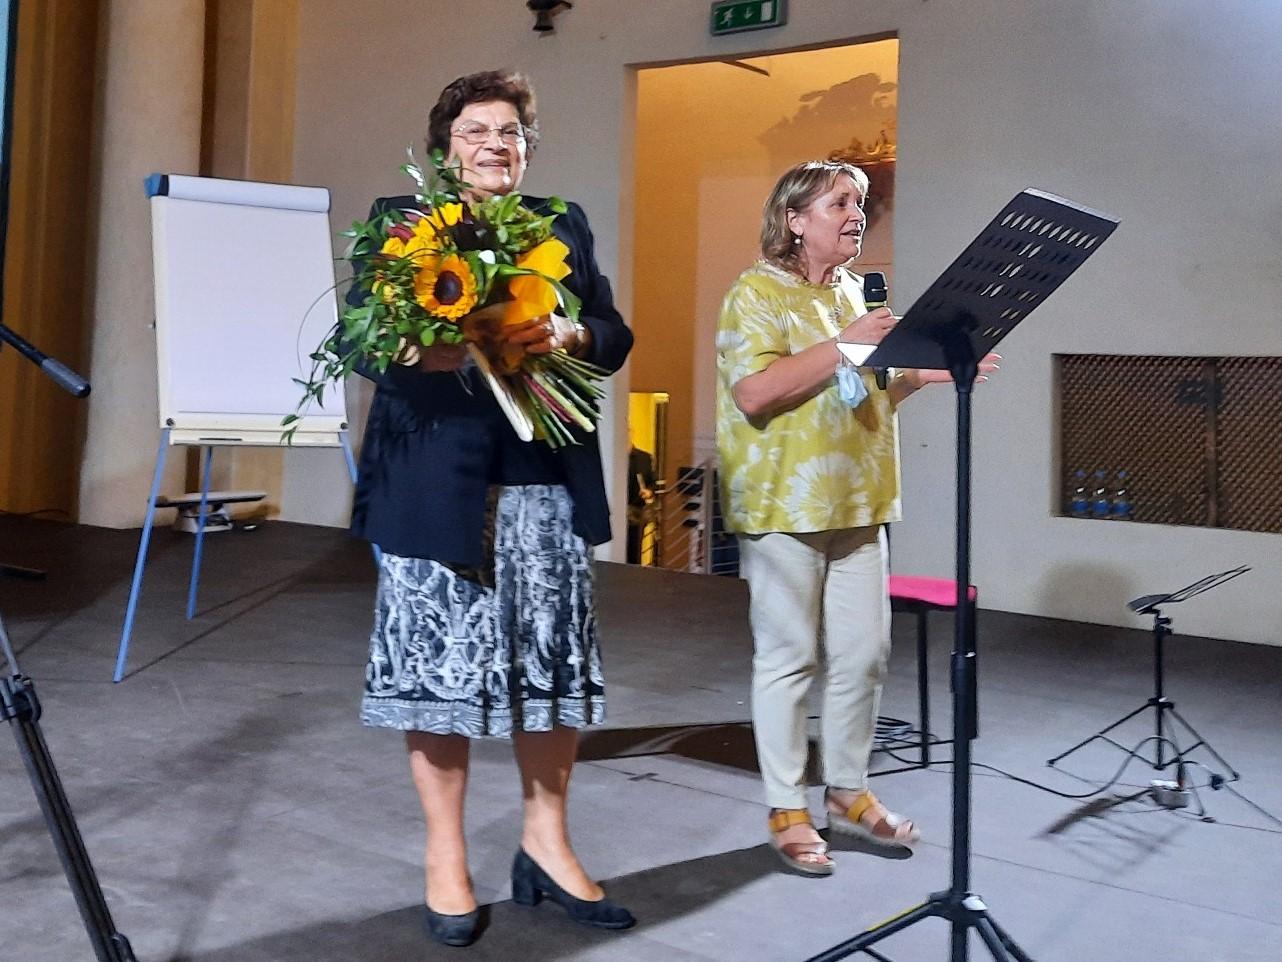 Università Gasparini Casari: nuovo anno accademico ricco di novità